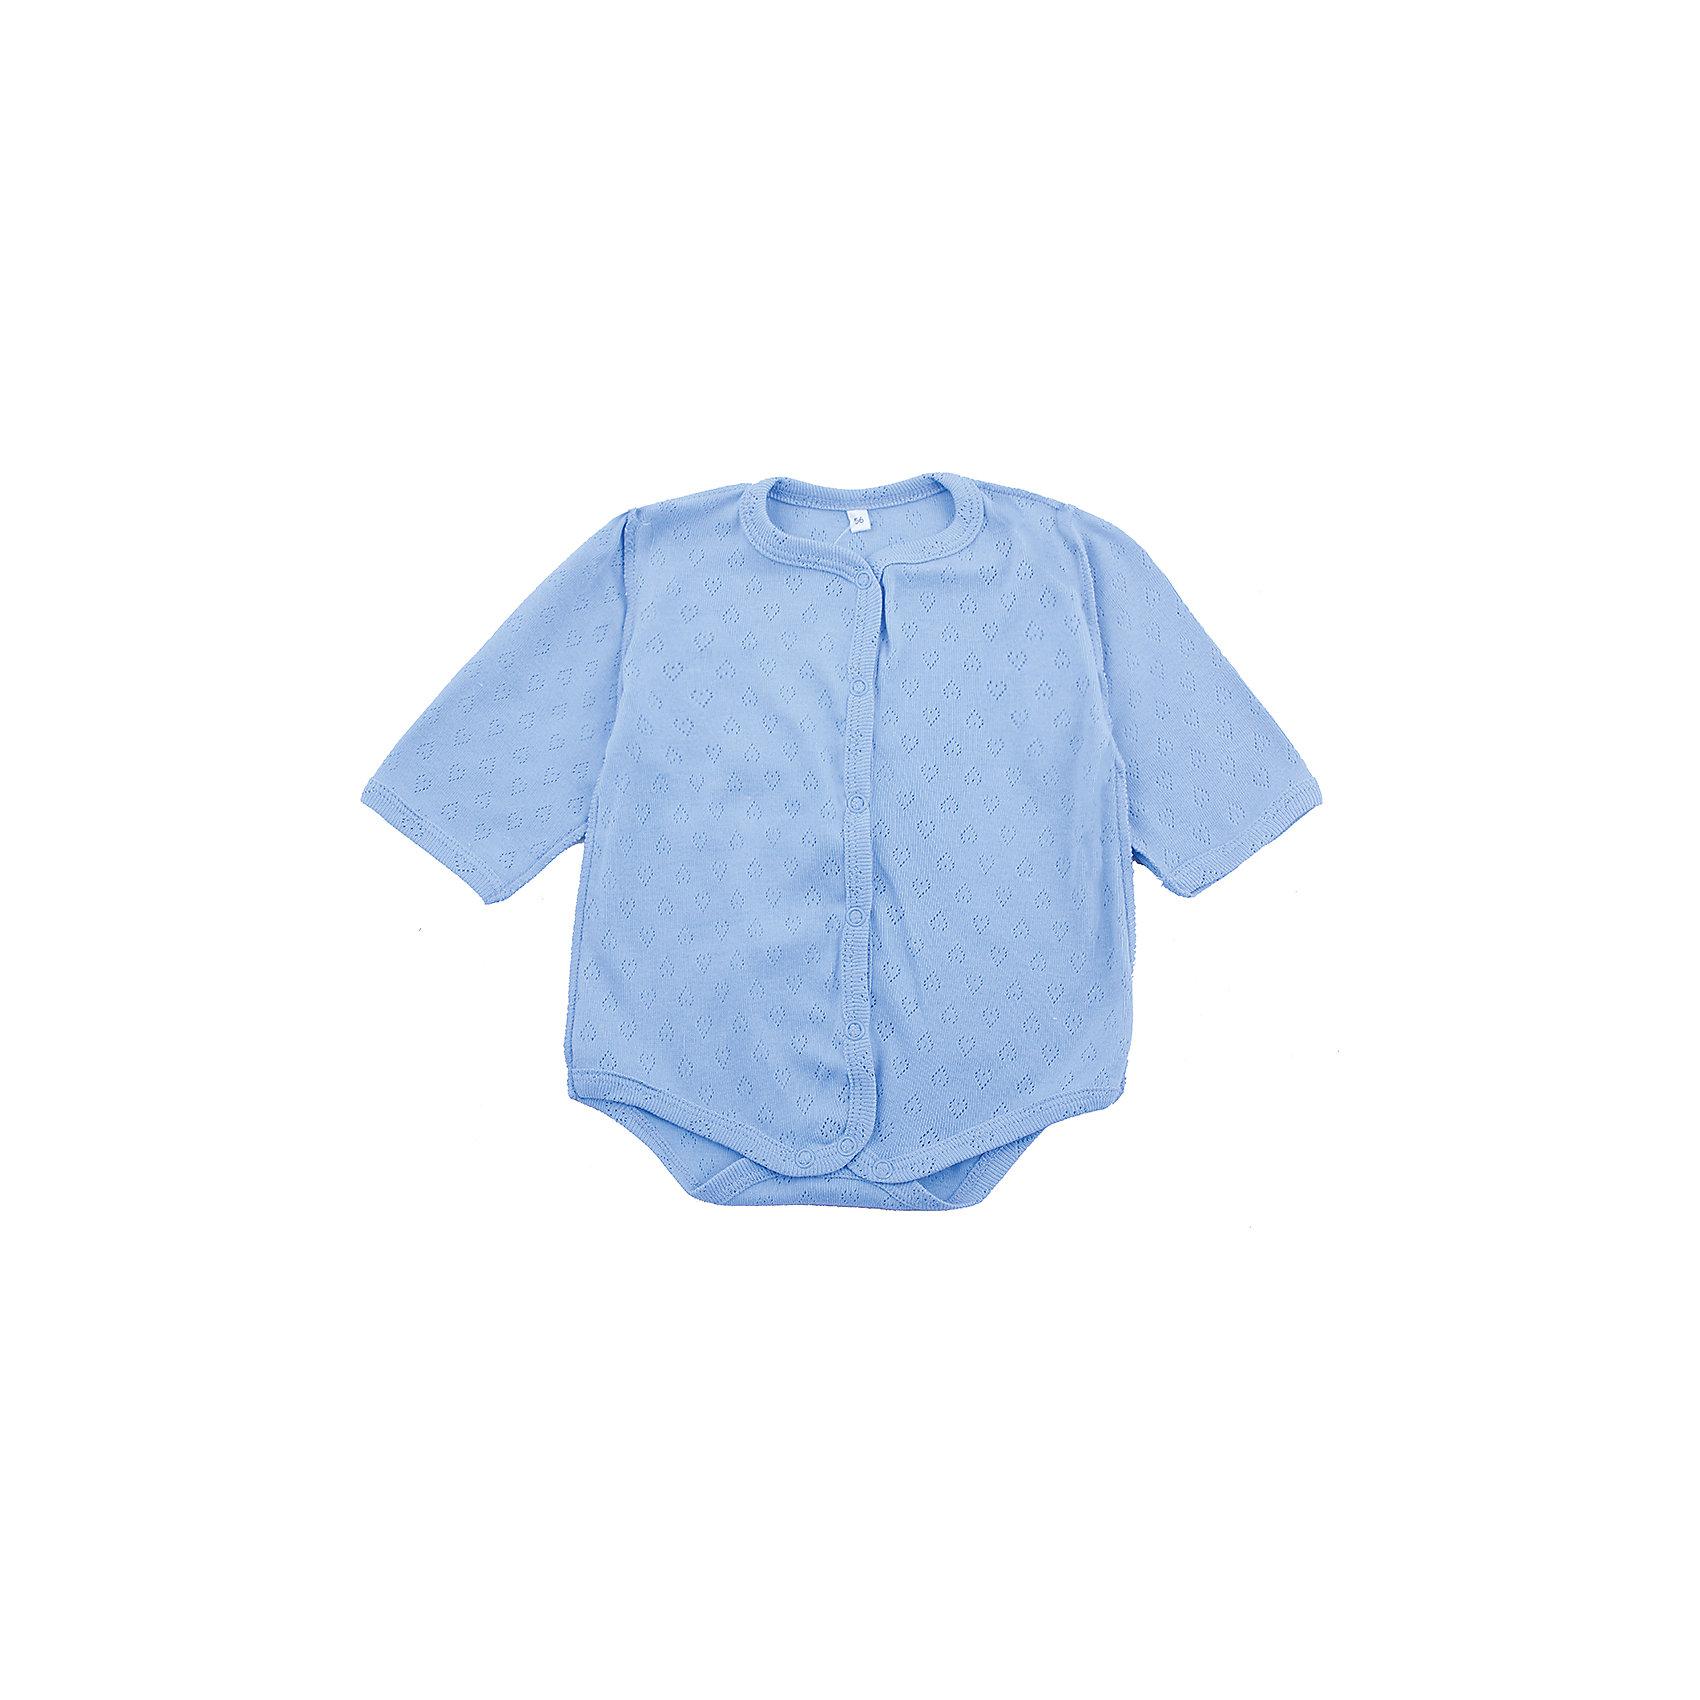 Боди для мальчика Soni KidsБоди для мальчика от популярной марки Soni Kids<br><br>Симпатичное удобное боди создано специально для самых маленьких. Оно обеспечит ребенку удобство, не будет натирать,  а также позволит коже дышать.<br><br>Особенности модели:<br><br>- цвет - голубой;<br>- материал - натуральный ажурный хлопок-рибана;<br>- рукава длинные;<br>- мягкая окантовка;<br>- швы снаружи;<br>- застежки - кнопки впереди и внизу.<br><br>Дополнительная информация:<br><br>Состав:  100% хлопок (рибана)<br><br>Габариты:<br><br>длина по спинке - 36 см;<br>длина рукава реглан - 20.<br><br>*соответствует размеру 56<br><br>Боди для мальчика от популярной марки Soni Kids (Сони Кидс) можно купить в нашем магазине.<br><br>Ширина мм: 157<br>Глубина мм: 13<br>Высота мм: 119<br>Вес г: 200<br>Цвет: голубой<br>Возраст от месяцев: 0<br>Возраст до месяцев: 3<br>Пол: Мужской<br>Возраст: Детский<br>Размер: 56,86,80,74,68,62<br>SKU: 4323188